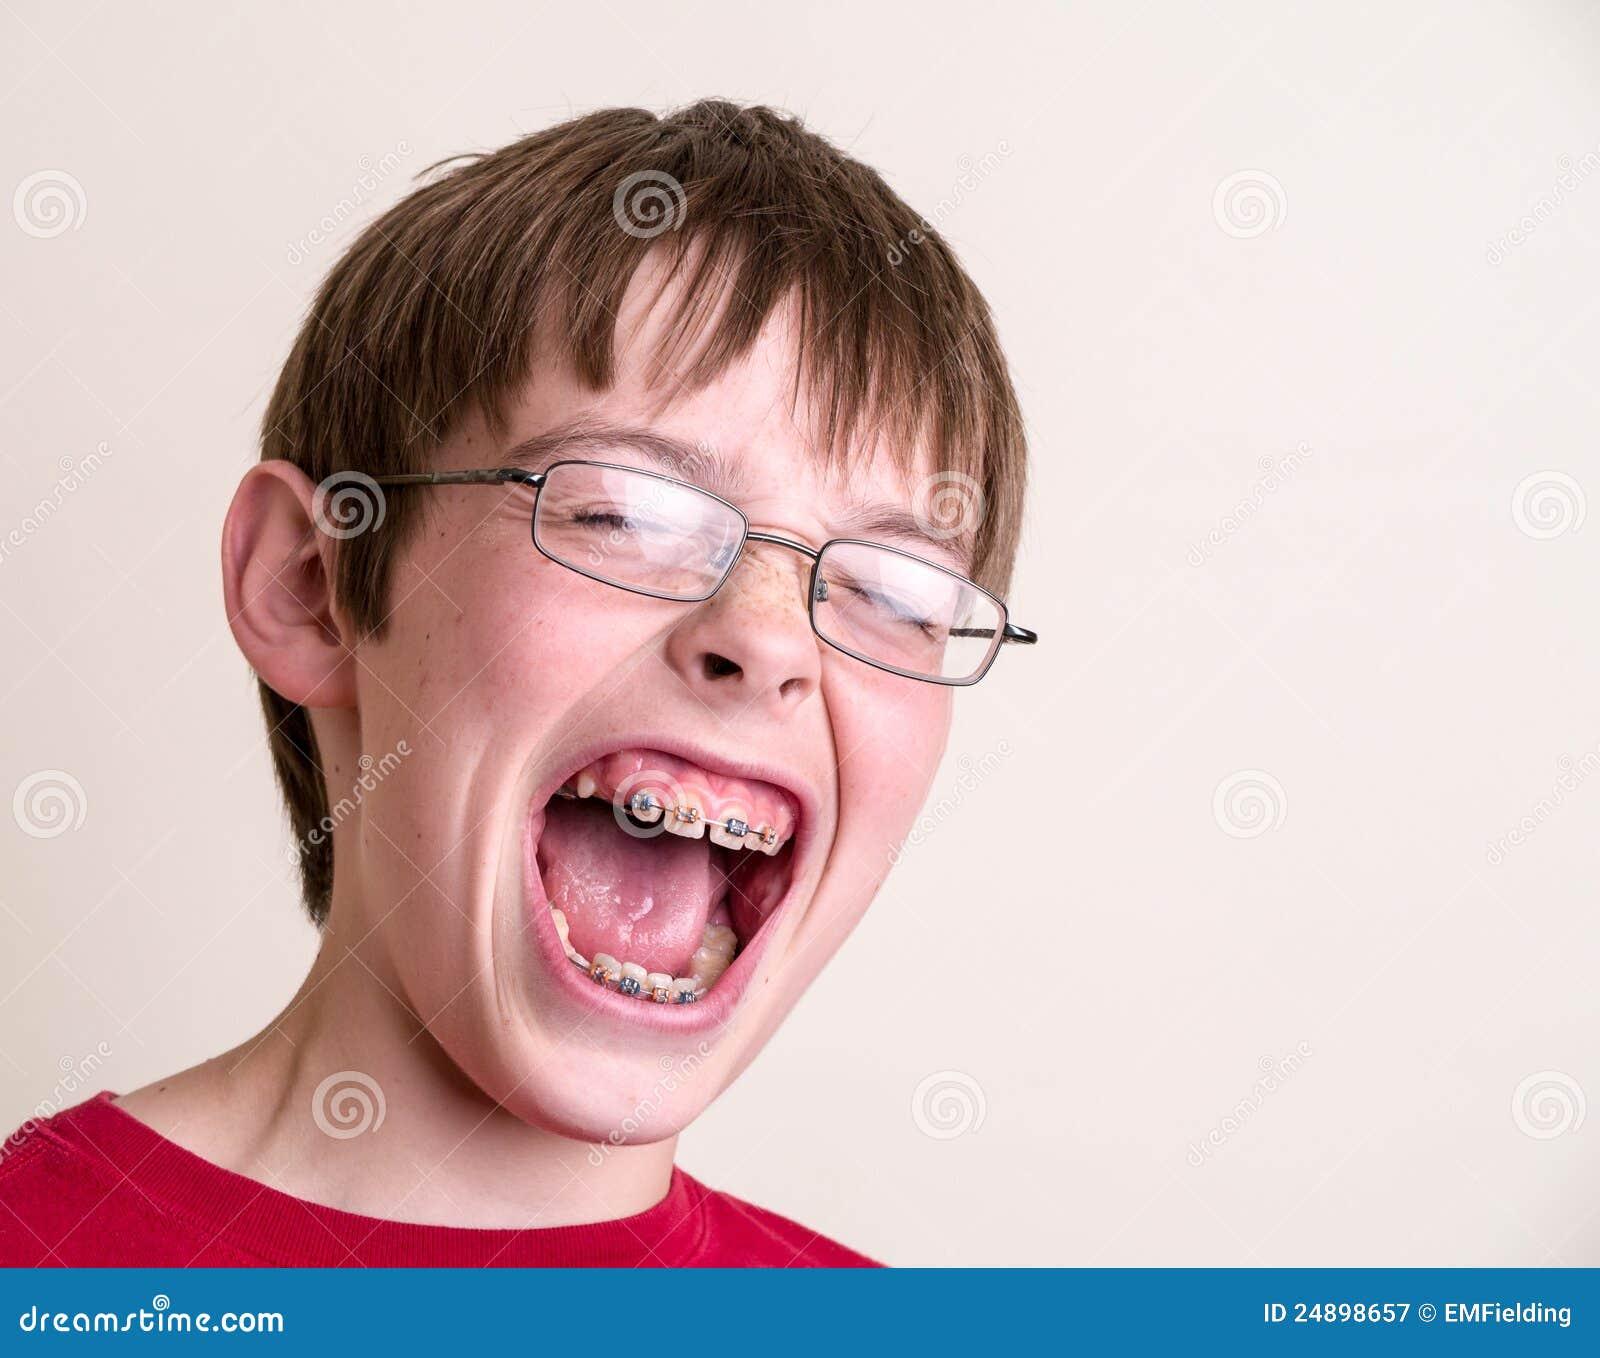 Teen Screaming 104